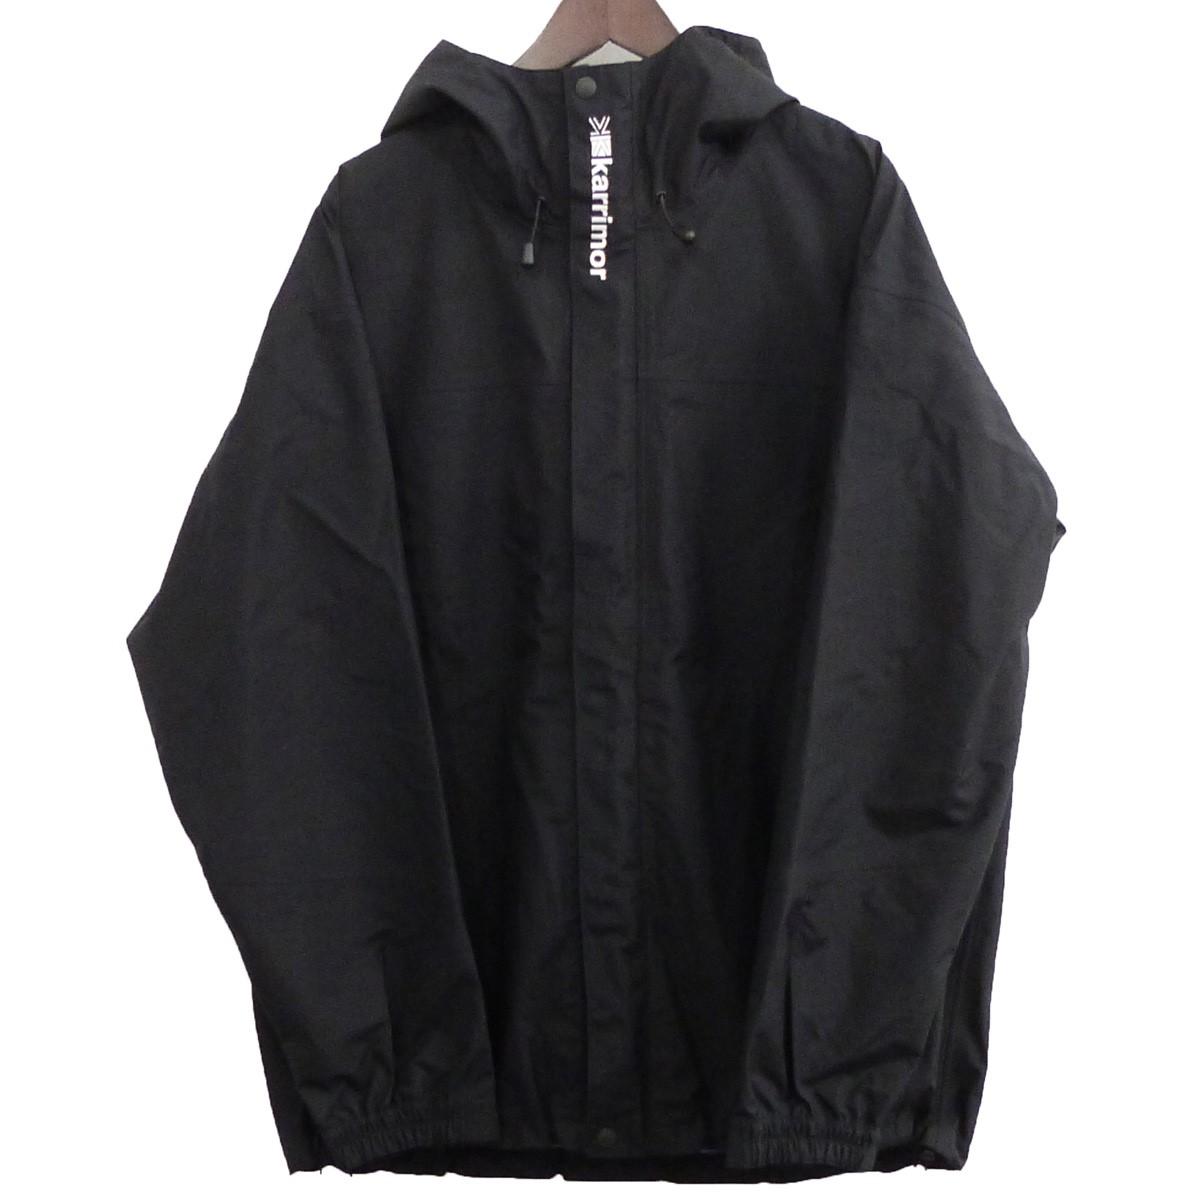 【中古】MR.GENTLEMAN×Karrimor 19SS「MOUNTAIN JACKET」マウンテンジャケット ブラック サイズ:L 【140520】(ミスタージェントルマン カリマー)